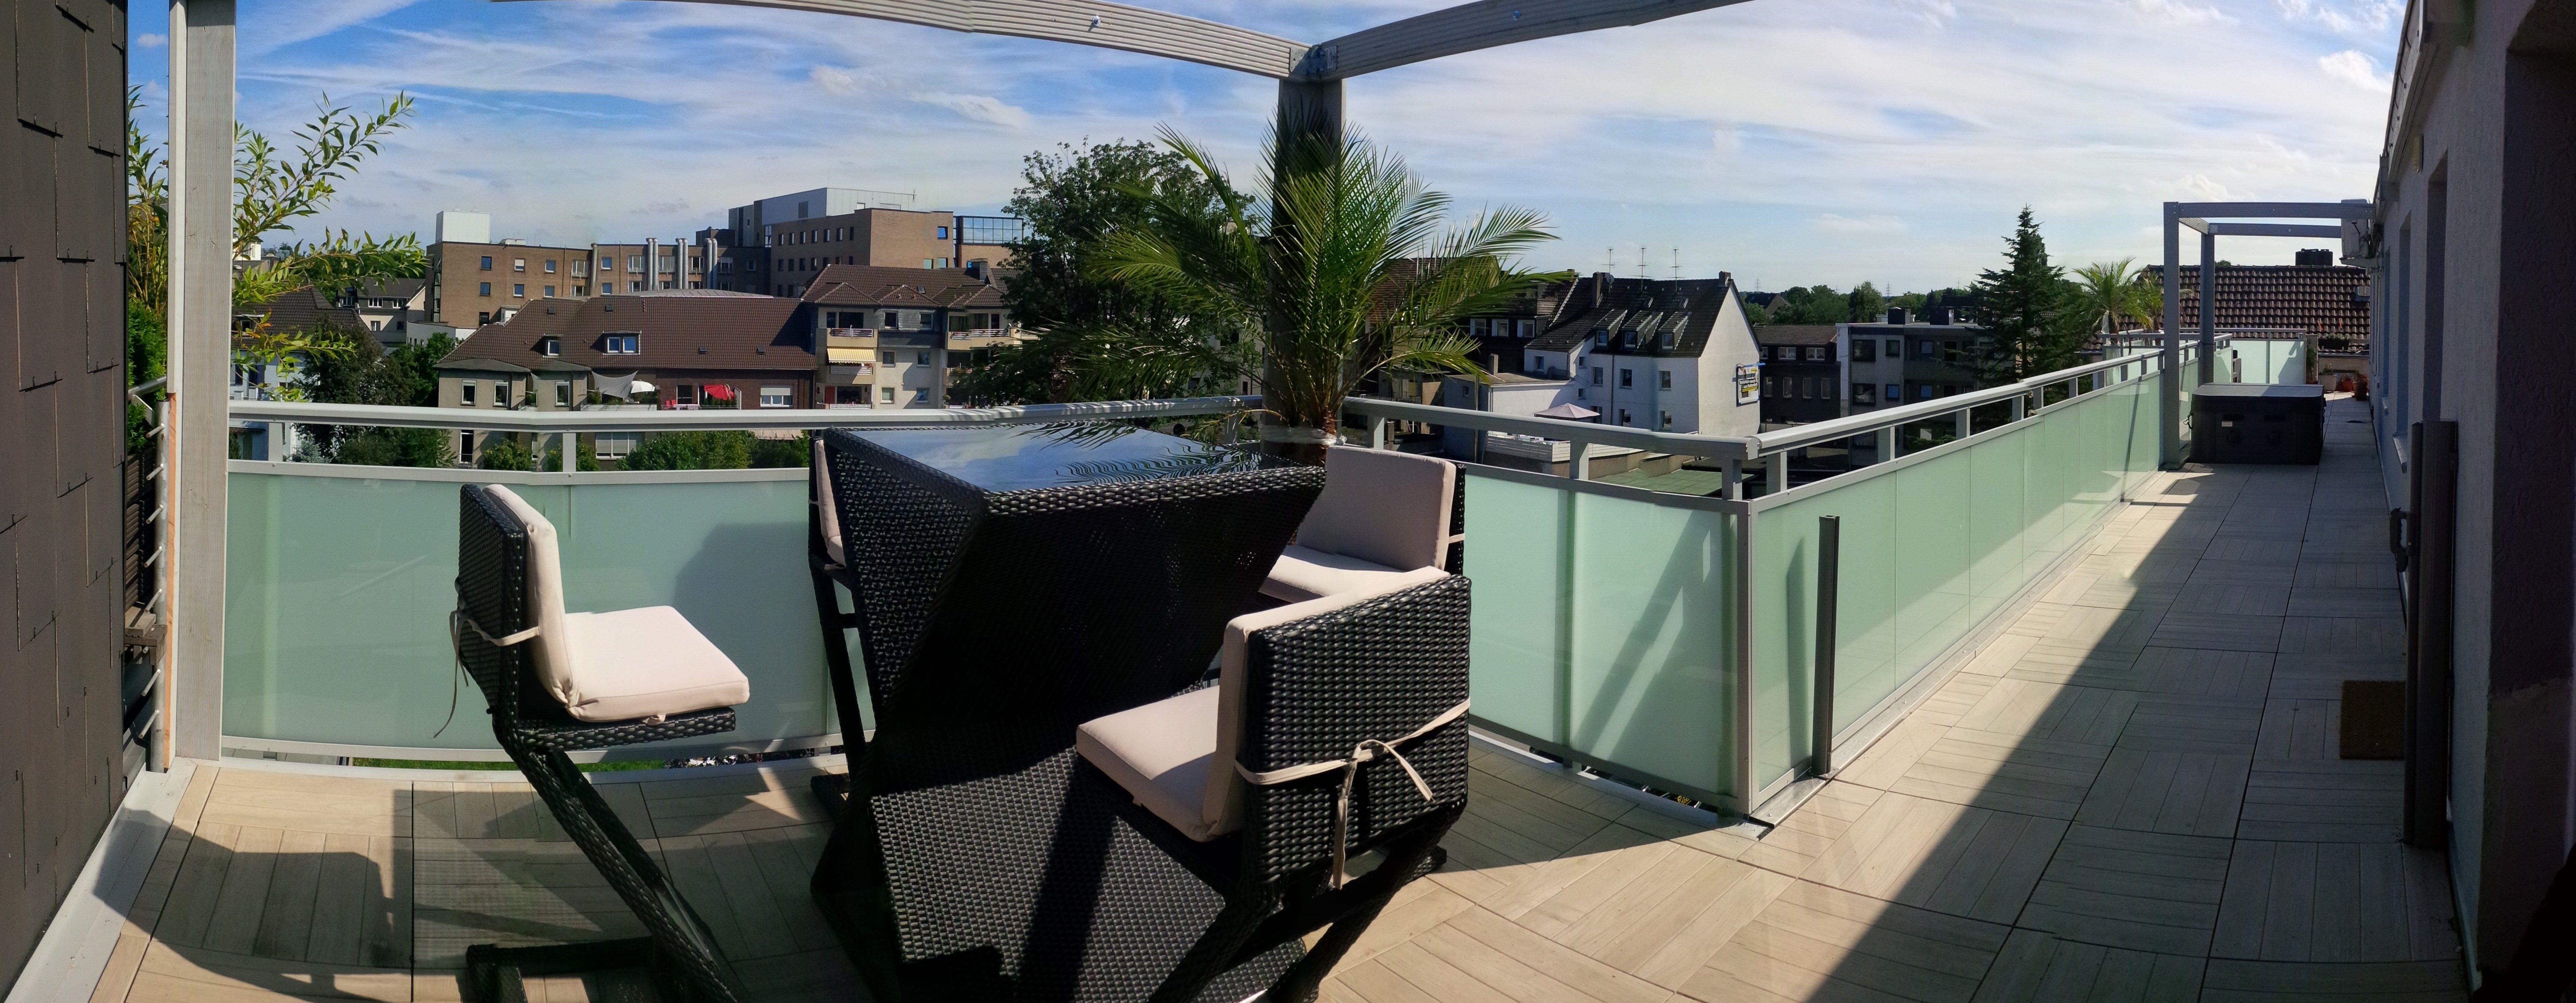 150m2 Penthouse Sauna & 100m2 terrace